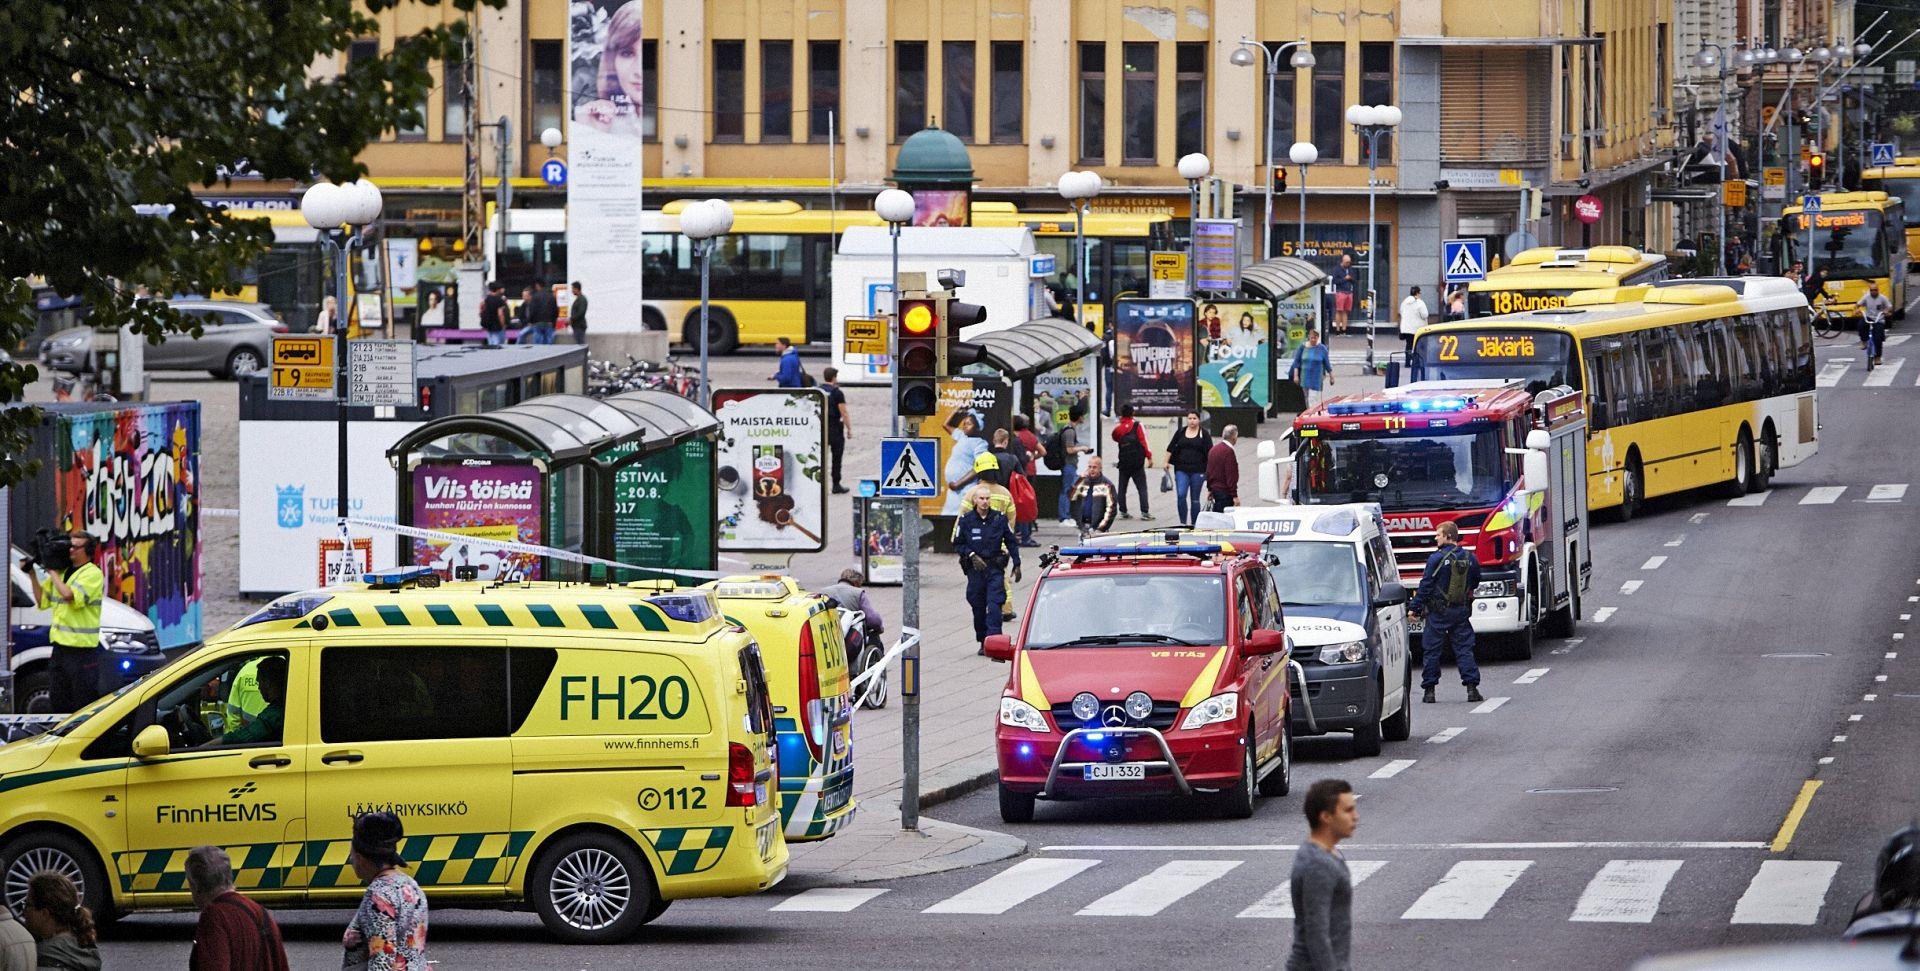 FINSKA U napadu nožem ubijene dvije osobe, policija ranila i uhitila napadača